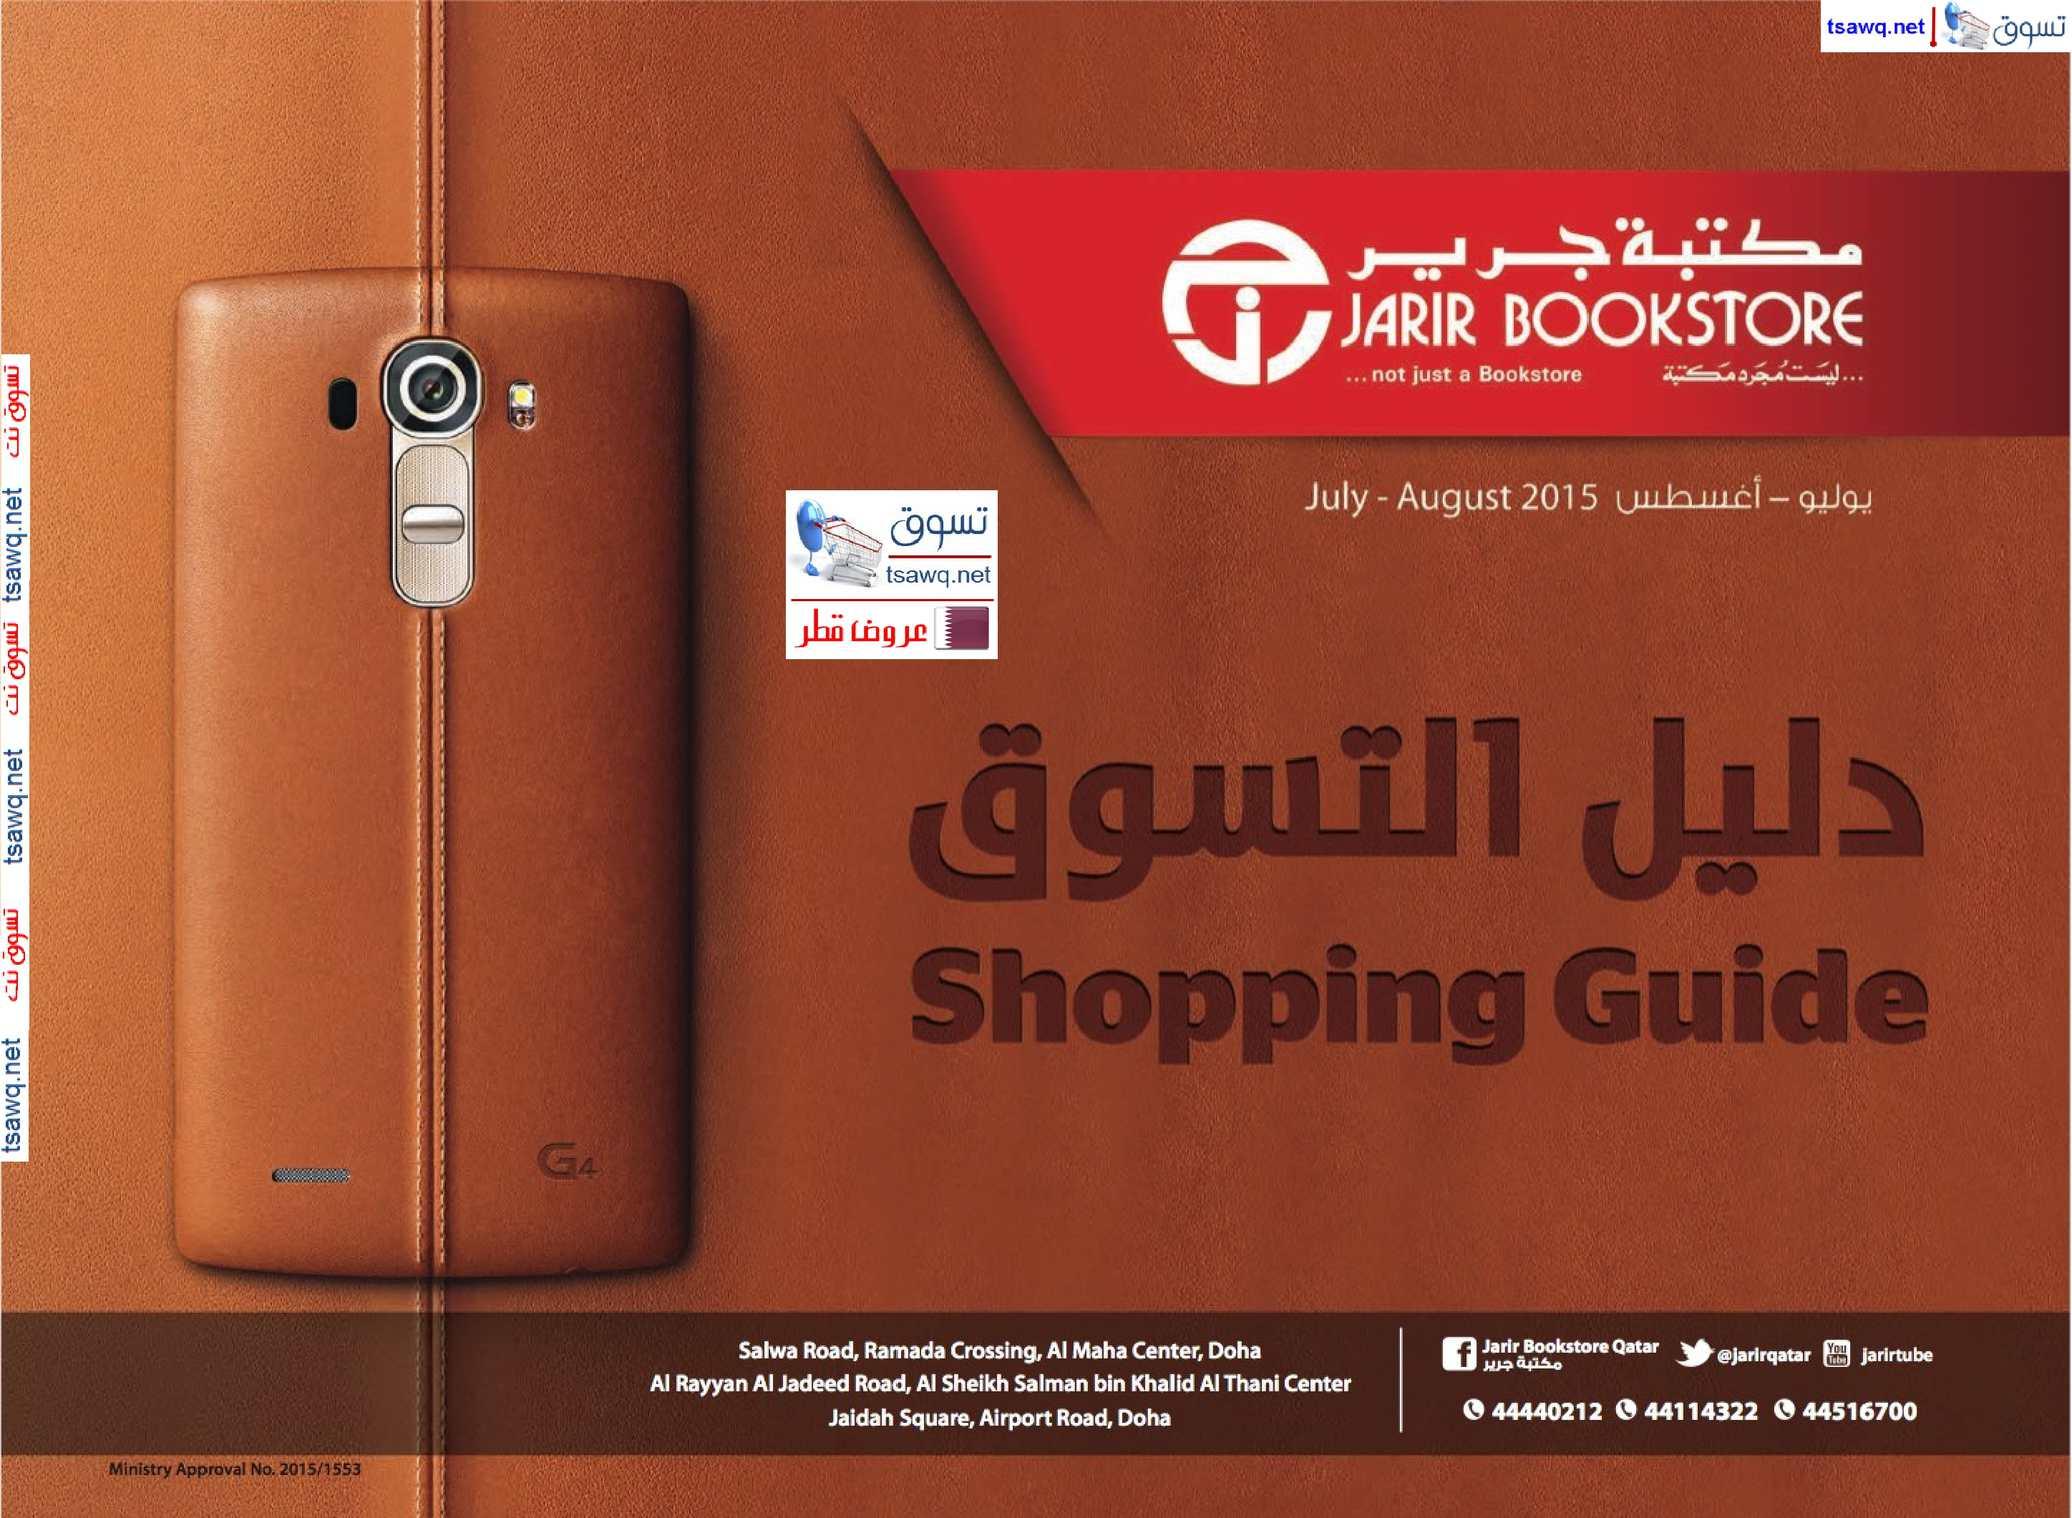 371b03f0a دليل التسوق من مكتبة جرير قطر إصدار يوليو - أغسطس 2015 عدد الصفحات 84 صفحة  | تسوق نت